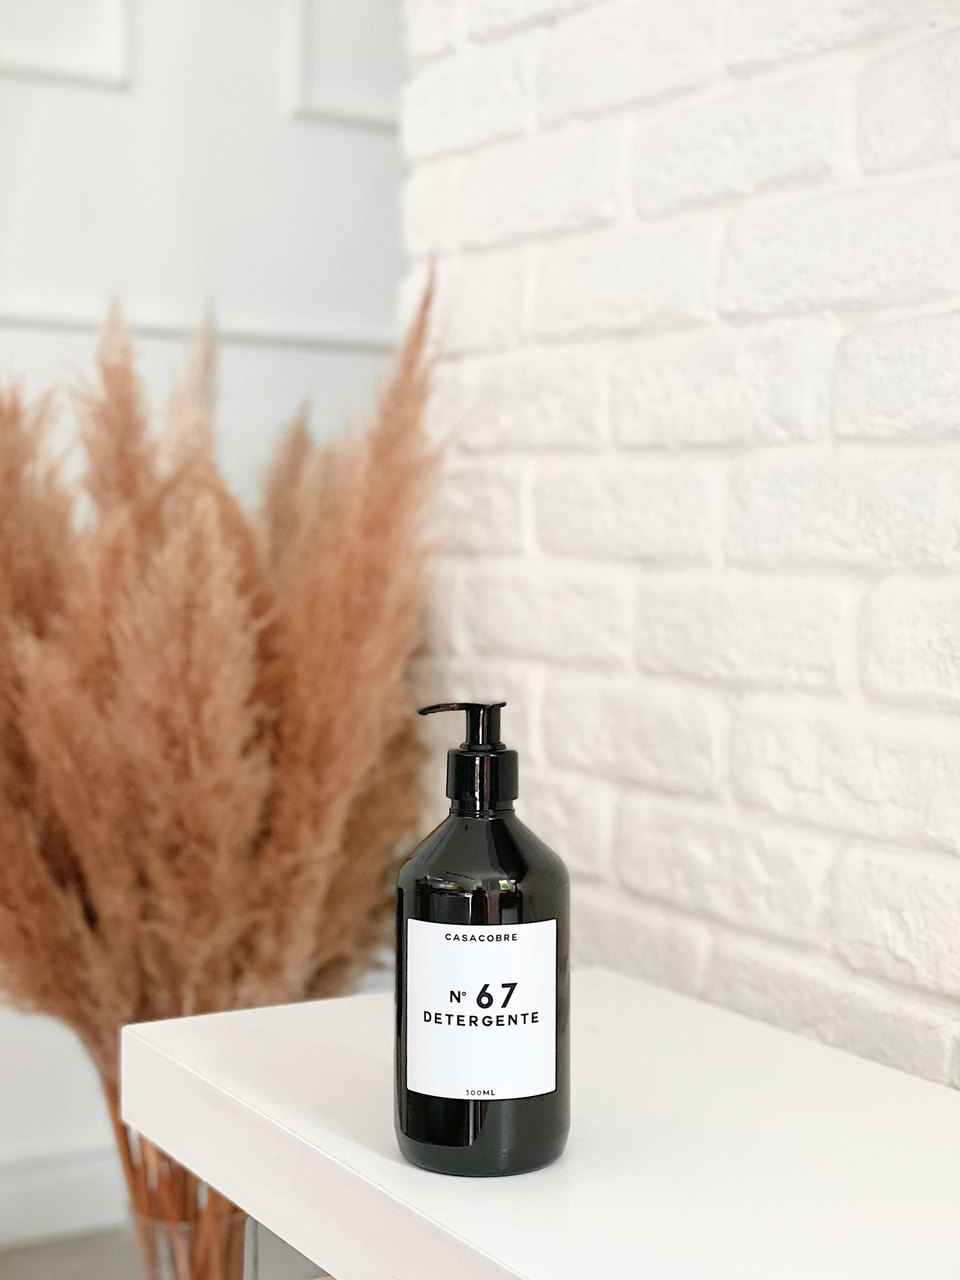 Frasco Black Detergente - 500ml  - CASACOBRE